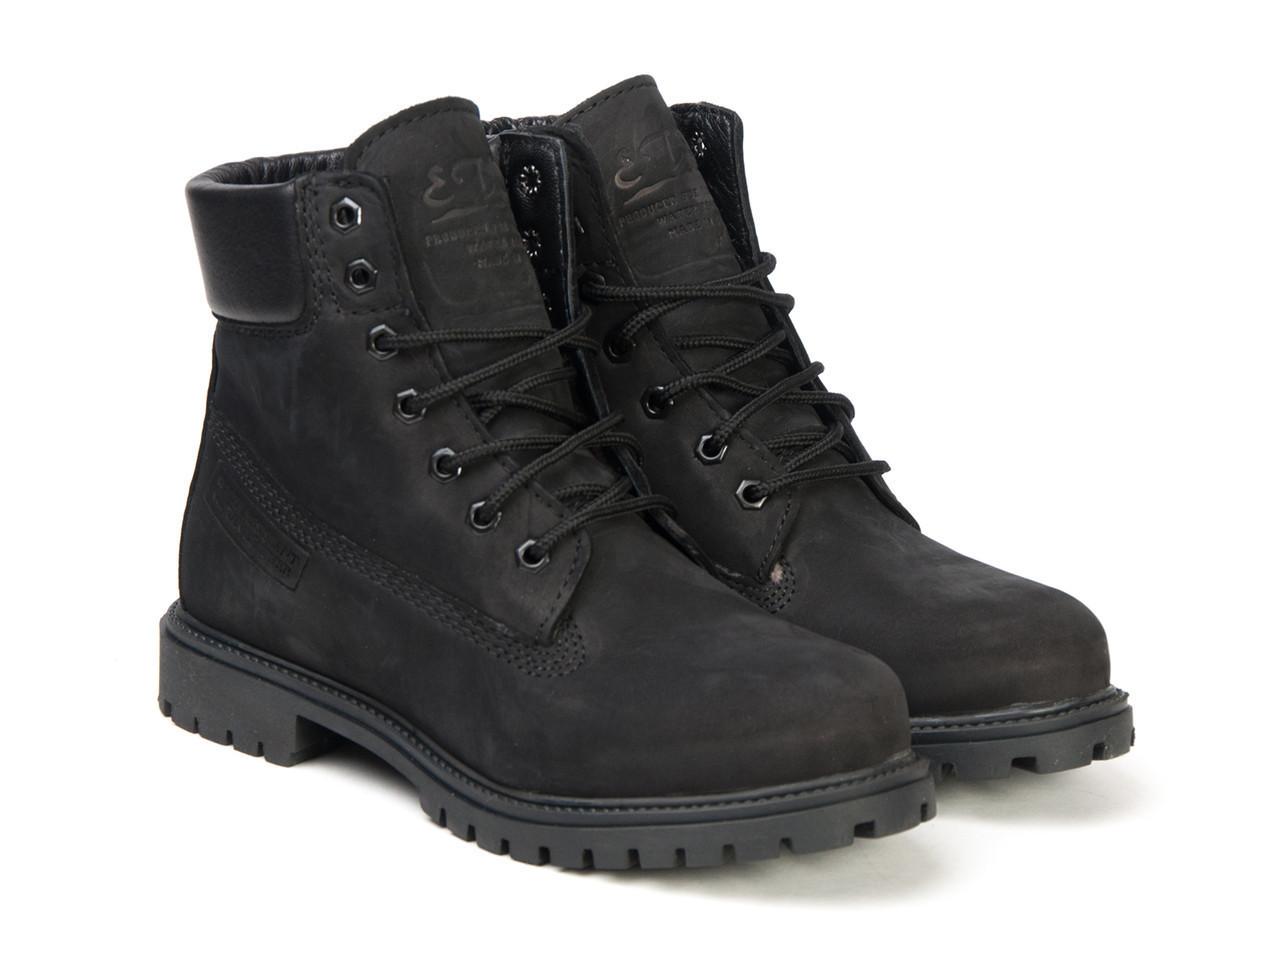 Ботинки Etor 9916-2298-2 43 черные